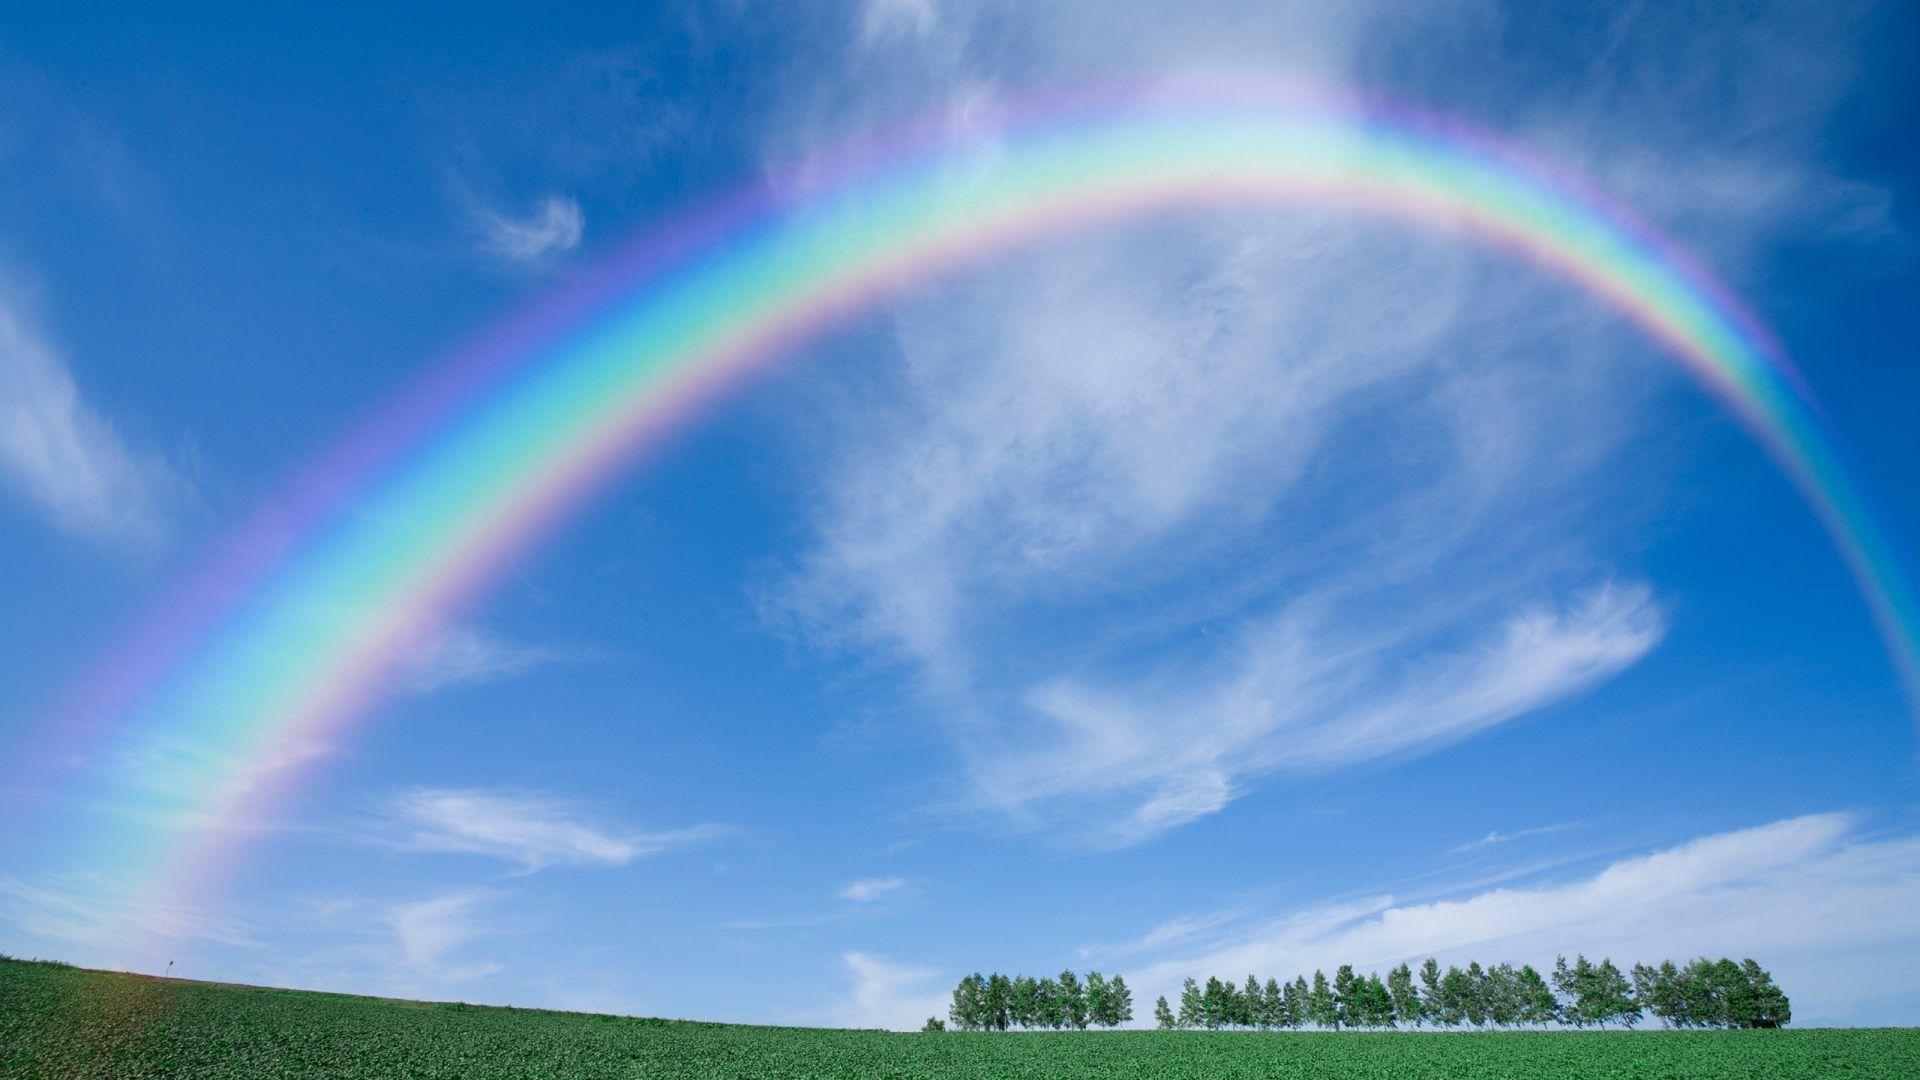 Top Wallpaper High Resolution Rainbow - c278d32b28f16b6364fdd6f41995df02  Picture_904310.jpg